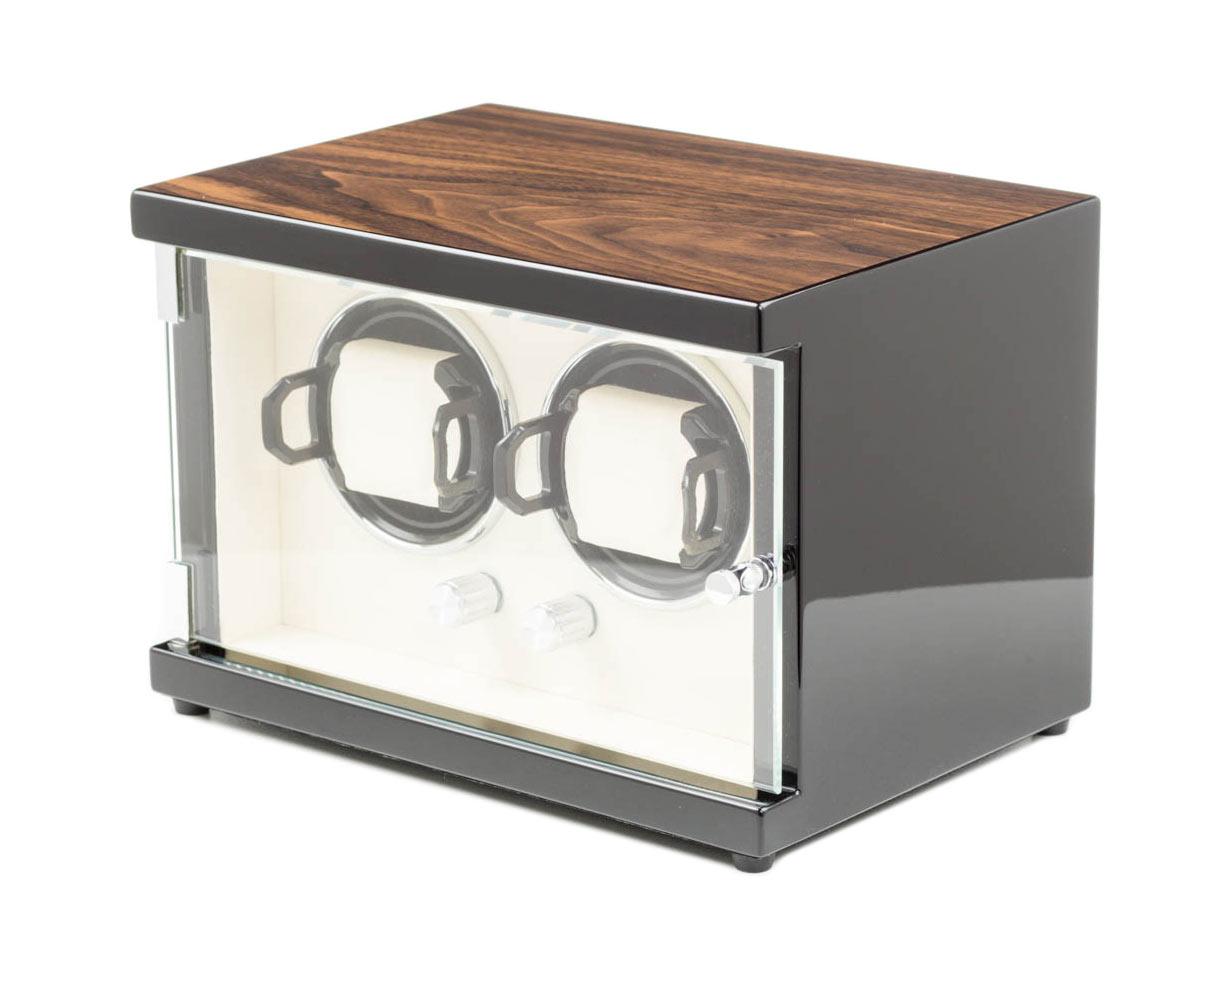 Modalo 15.02.92 Шкатулка для 2 часов с подзаводом. Глянцевый деревянный корпус, внутренняя отделка кожа. Питание – сеть.